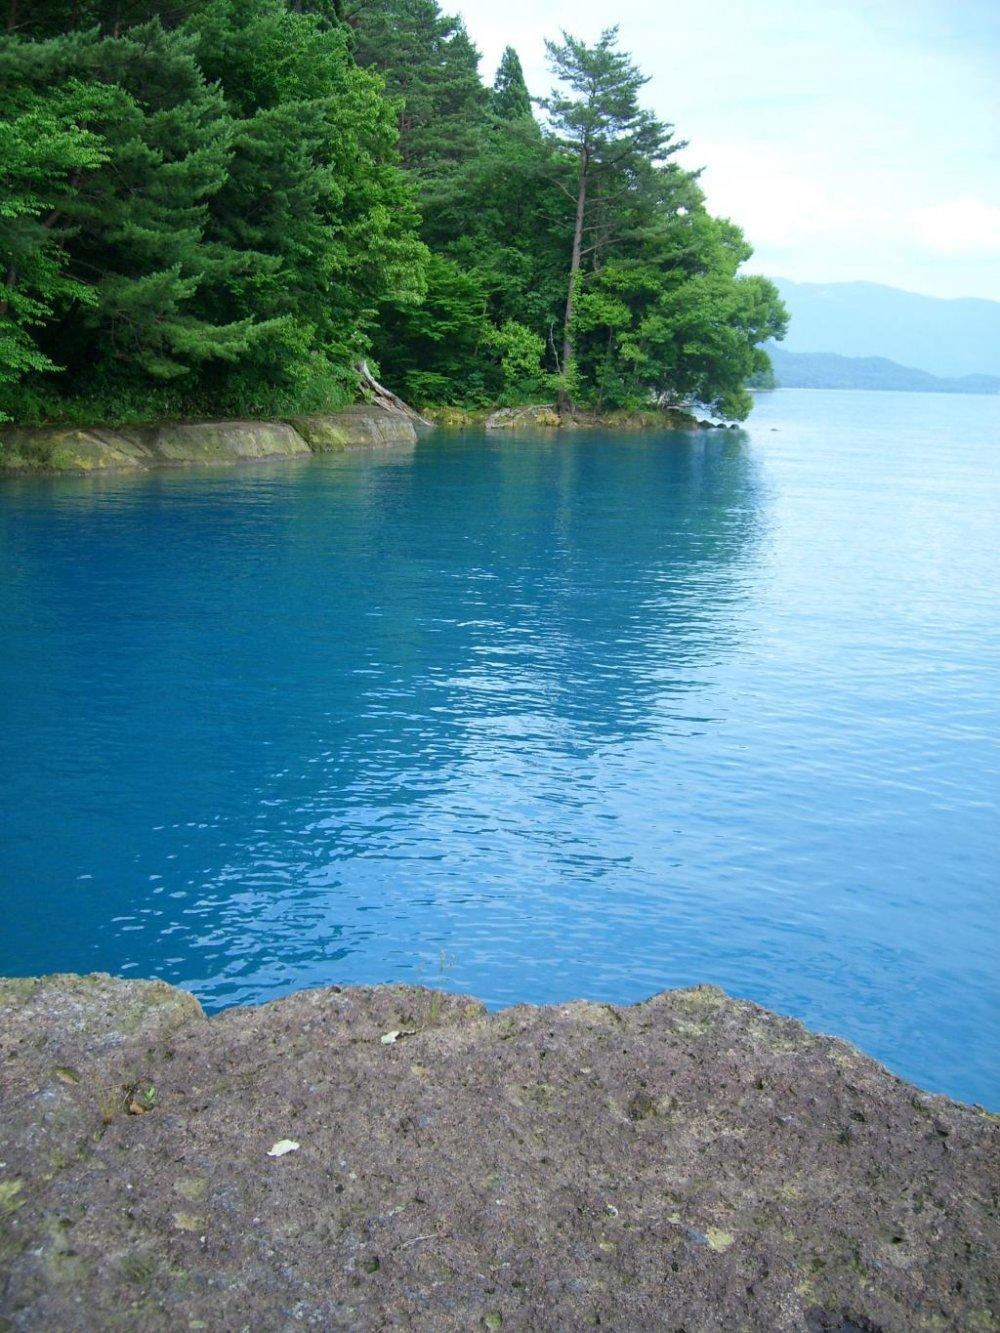 Mặt hồ phản chiếu sắc xanh nổi bật